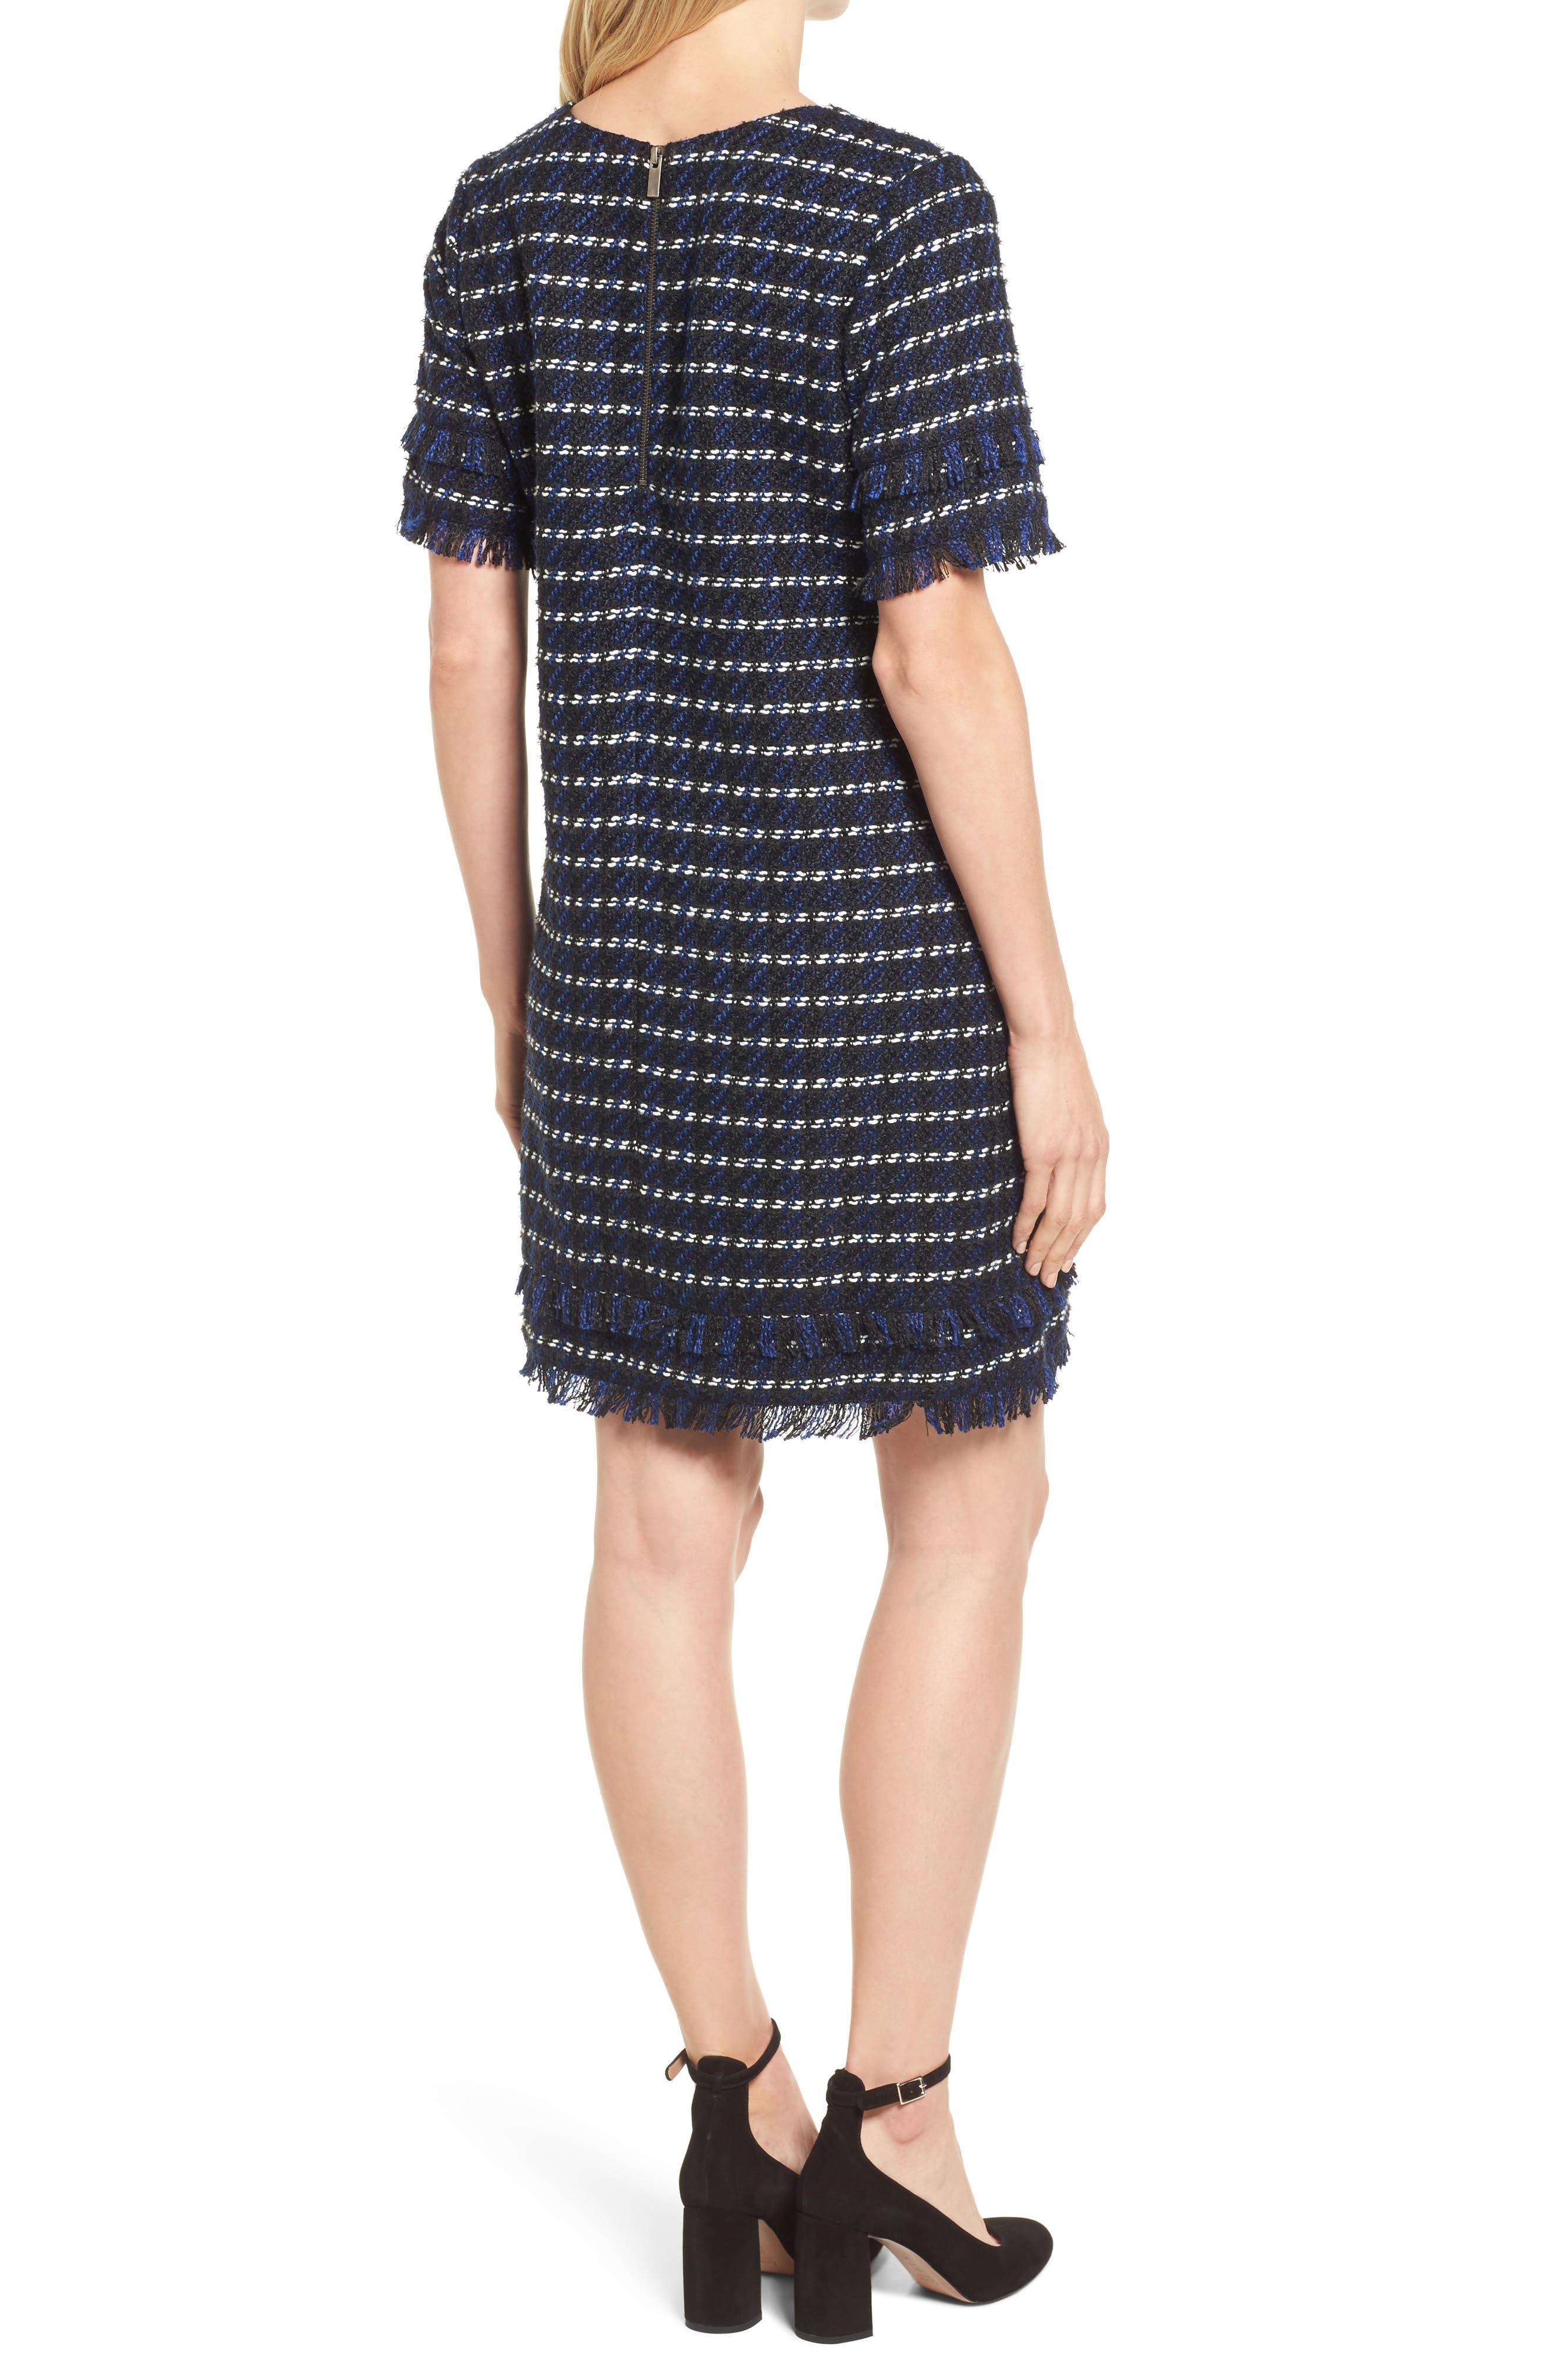 Fringe Tweed Dress,                             Alternate thumbnail 2, color,                             Black- Navy Tweed